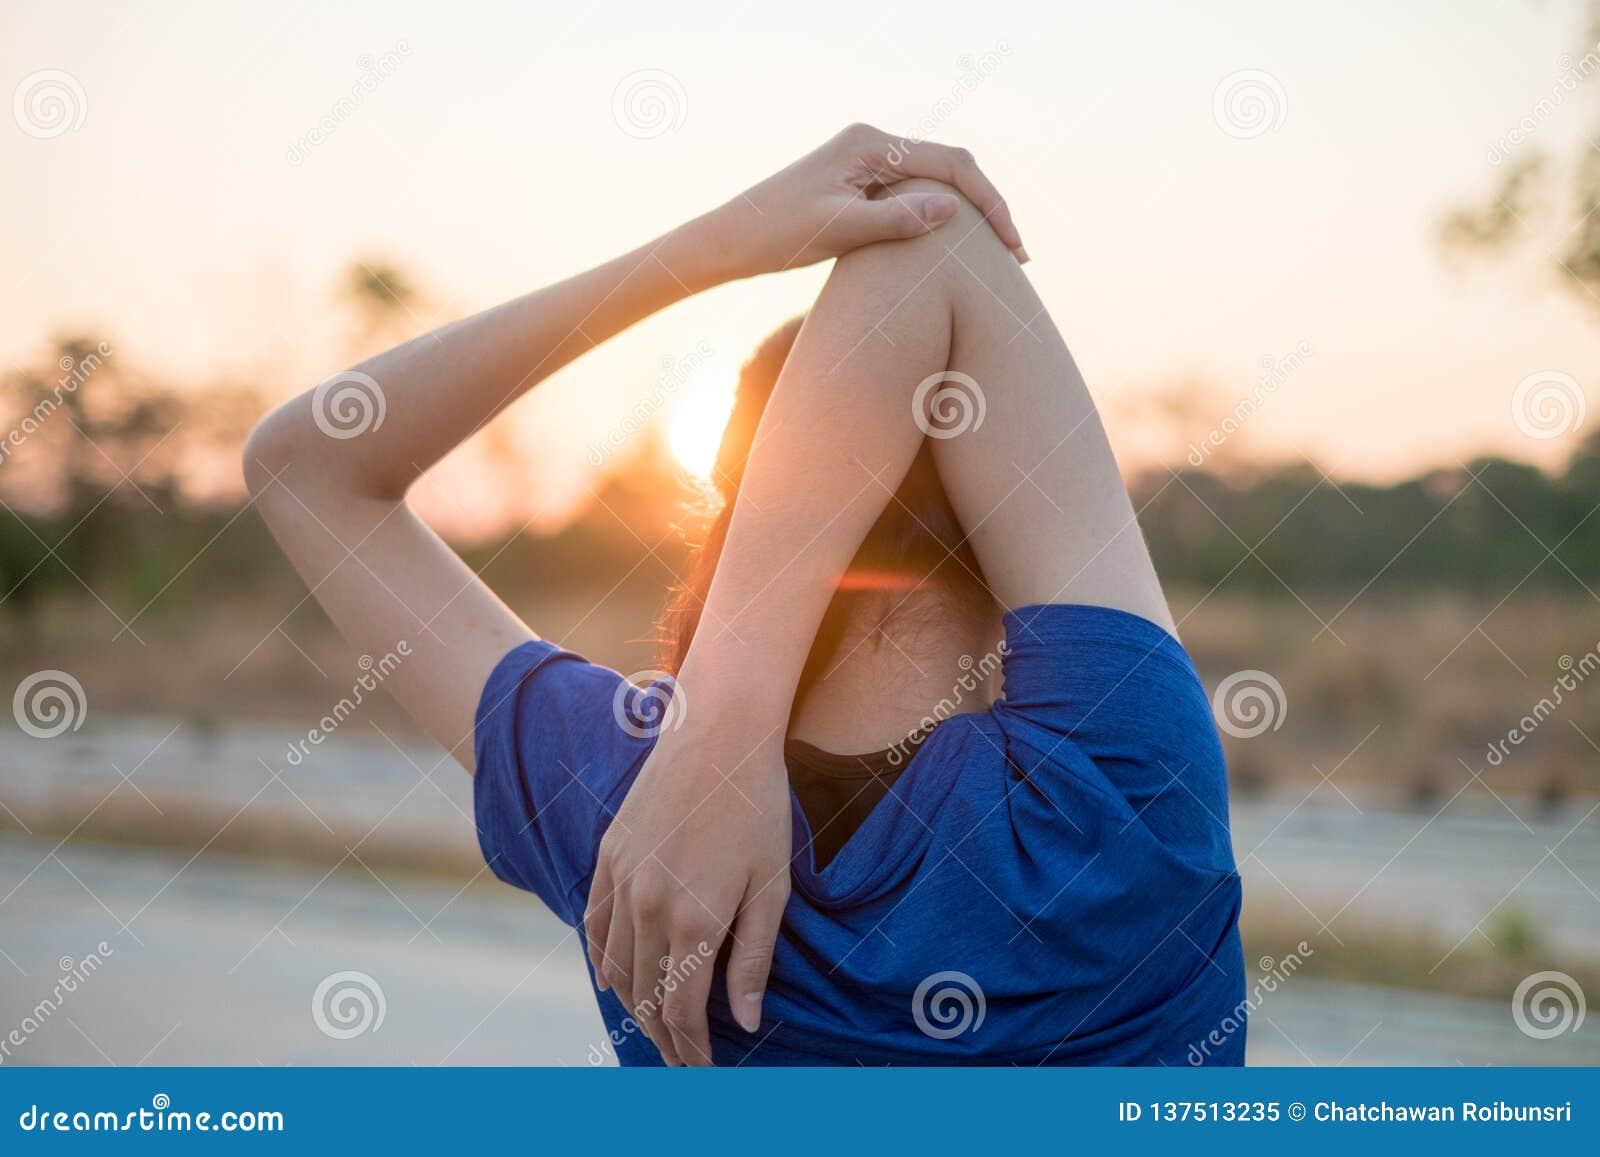 Las mujeres jovenes ejercitan antes de ejercitar en el parque Ella estiró sus brazos para el examen físico con el fondo del sol